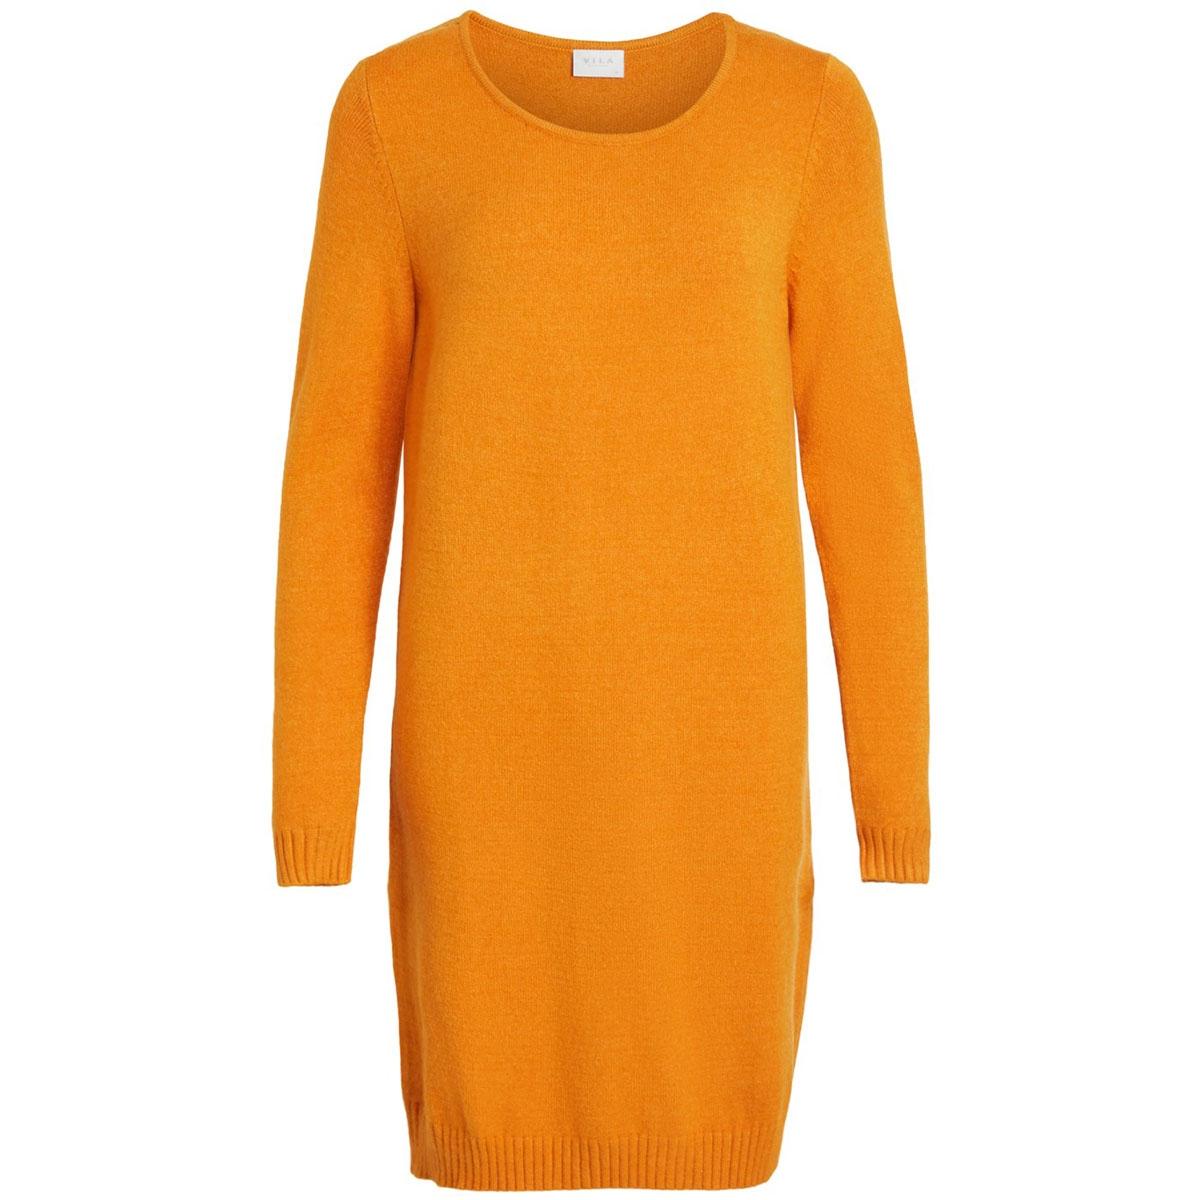 viril l/s knit dress - noos 14042768 vila jurk golden oak/melange